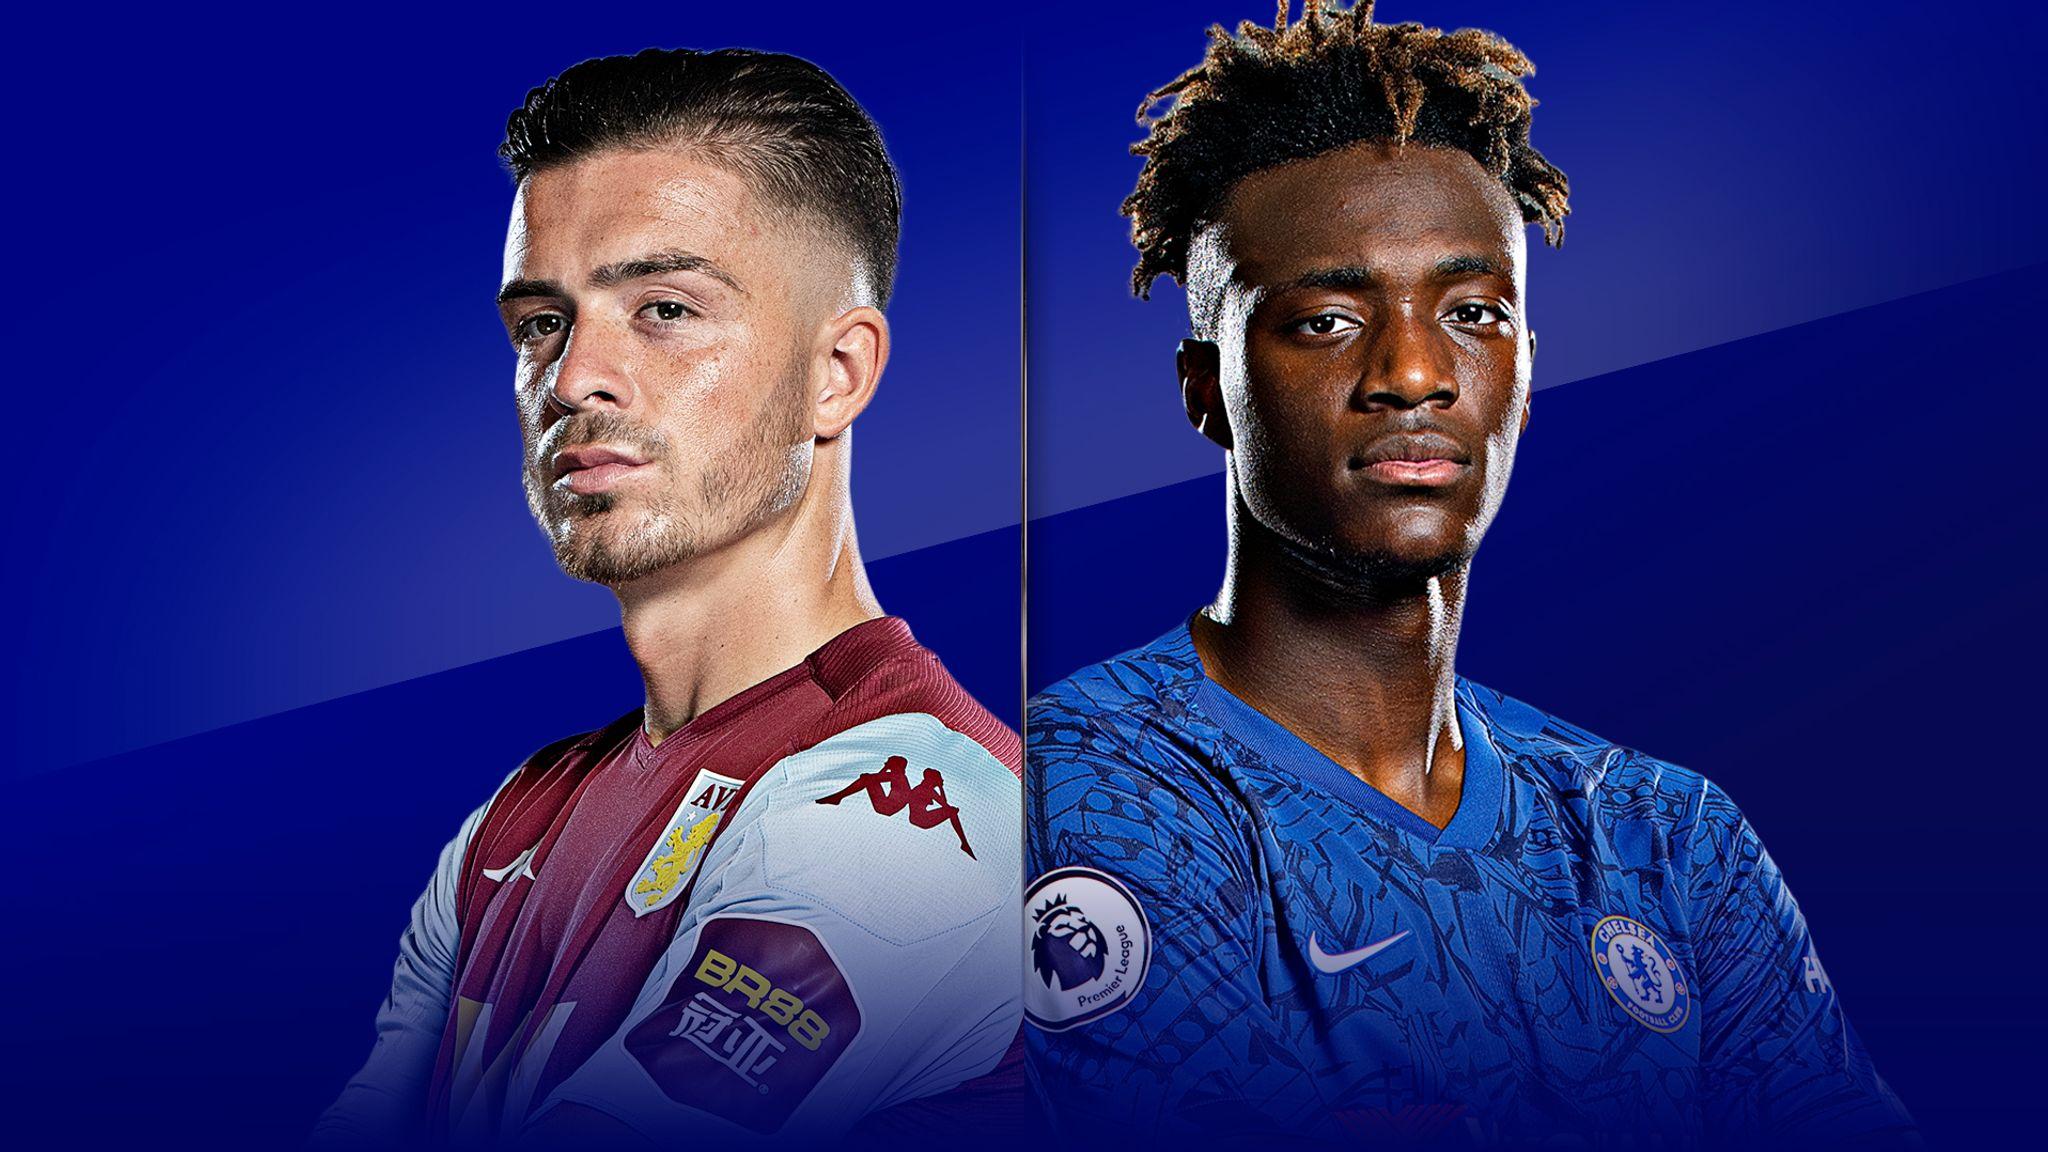 Aston Villa Vs Chelsea 2019/20 - Chelsea Vs Aston Villa ...